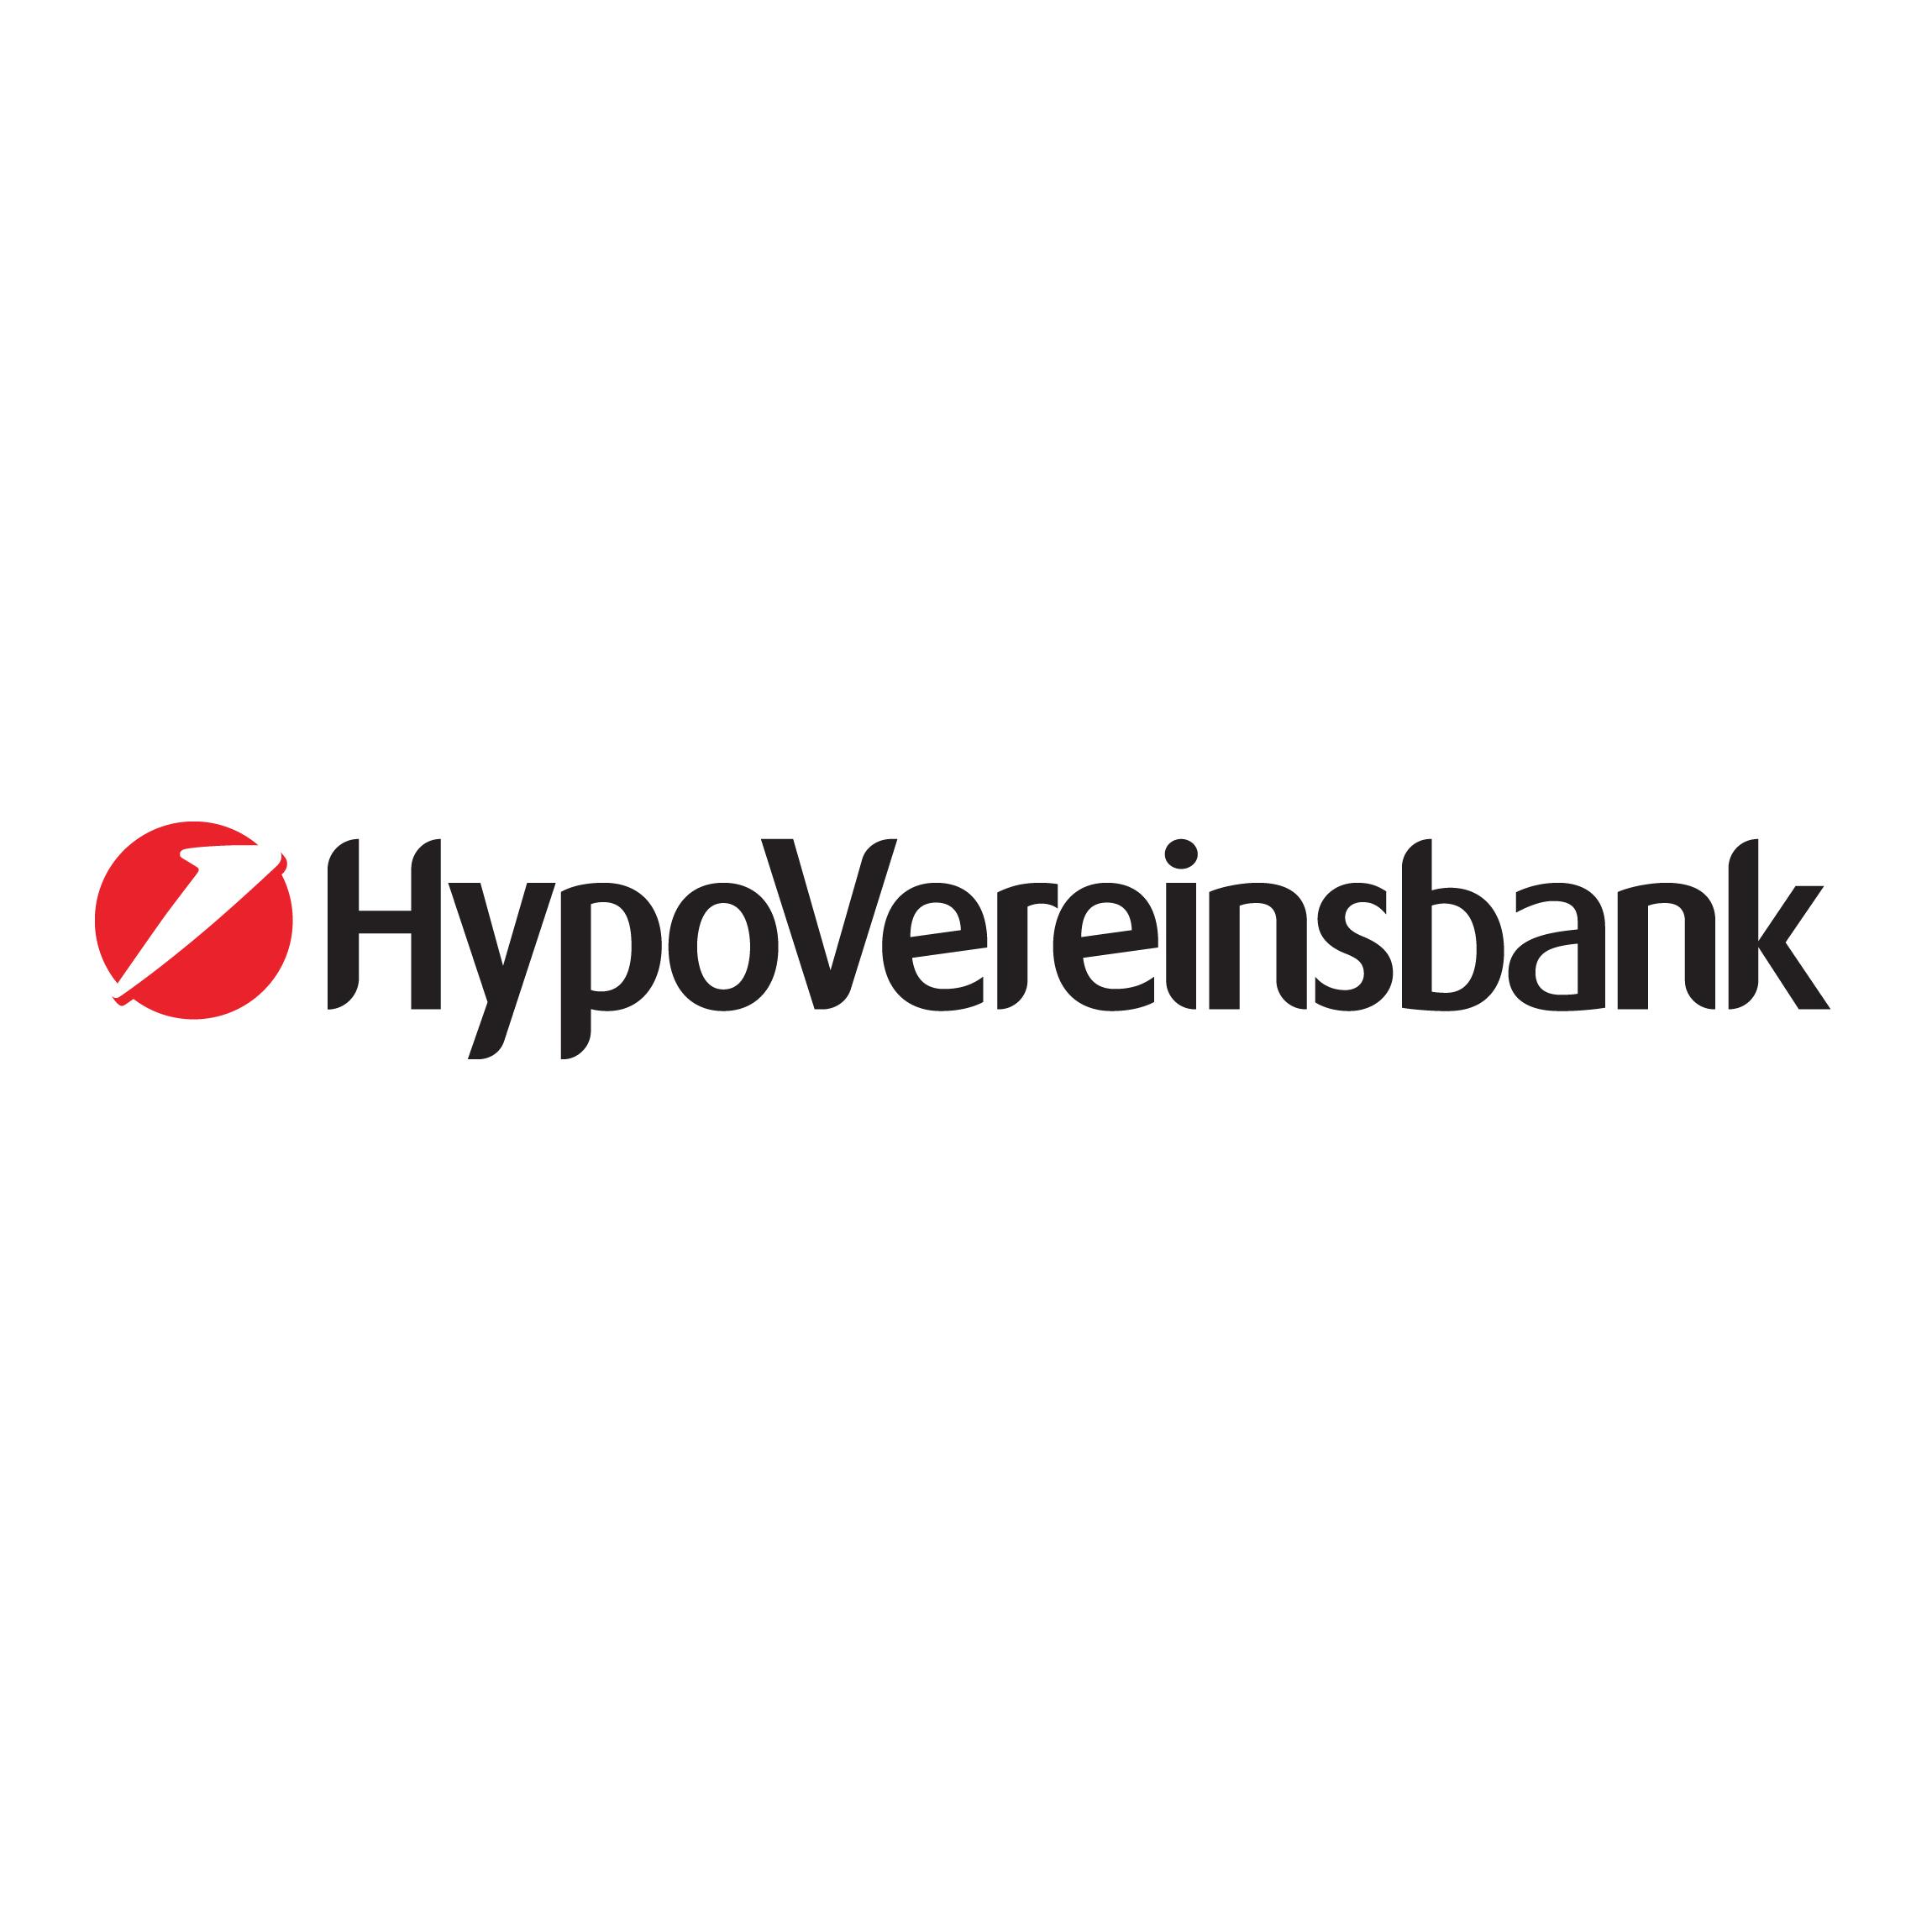 HypoVereinsbank Mühldorf a. Inn